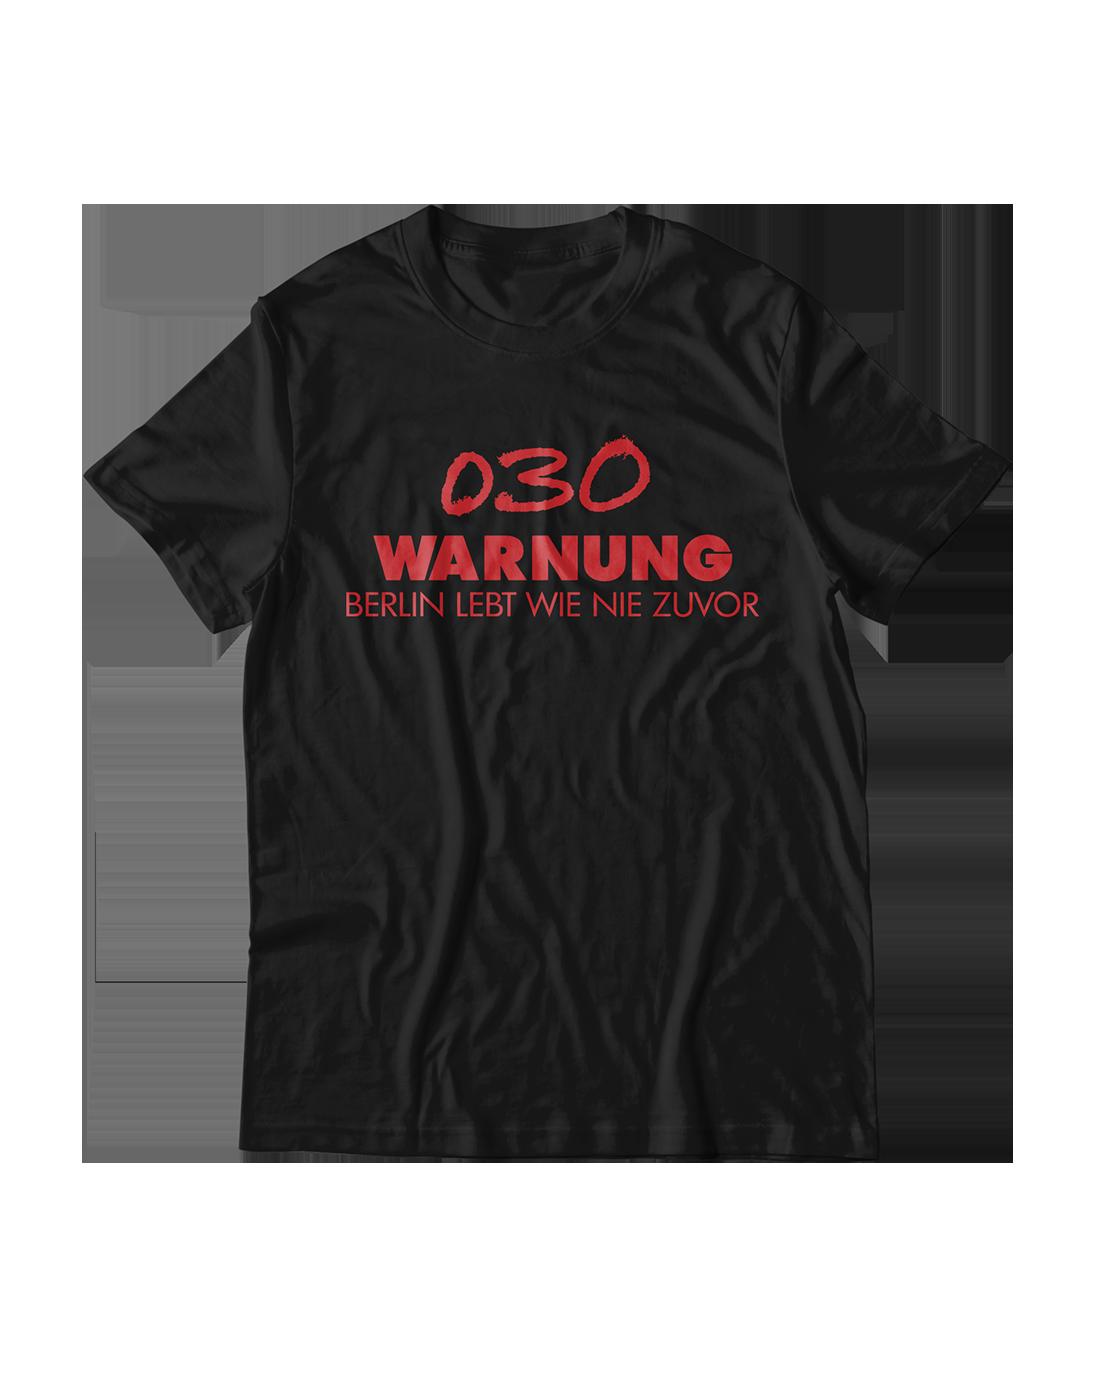 Capital Bra Shirt 030 Warnung Black